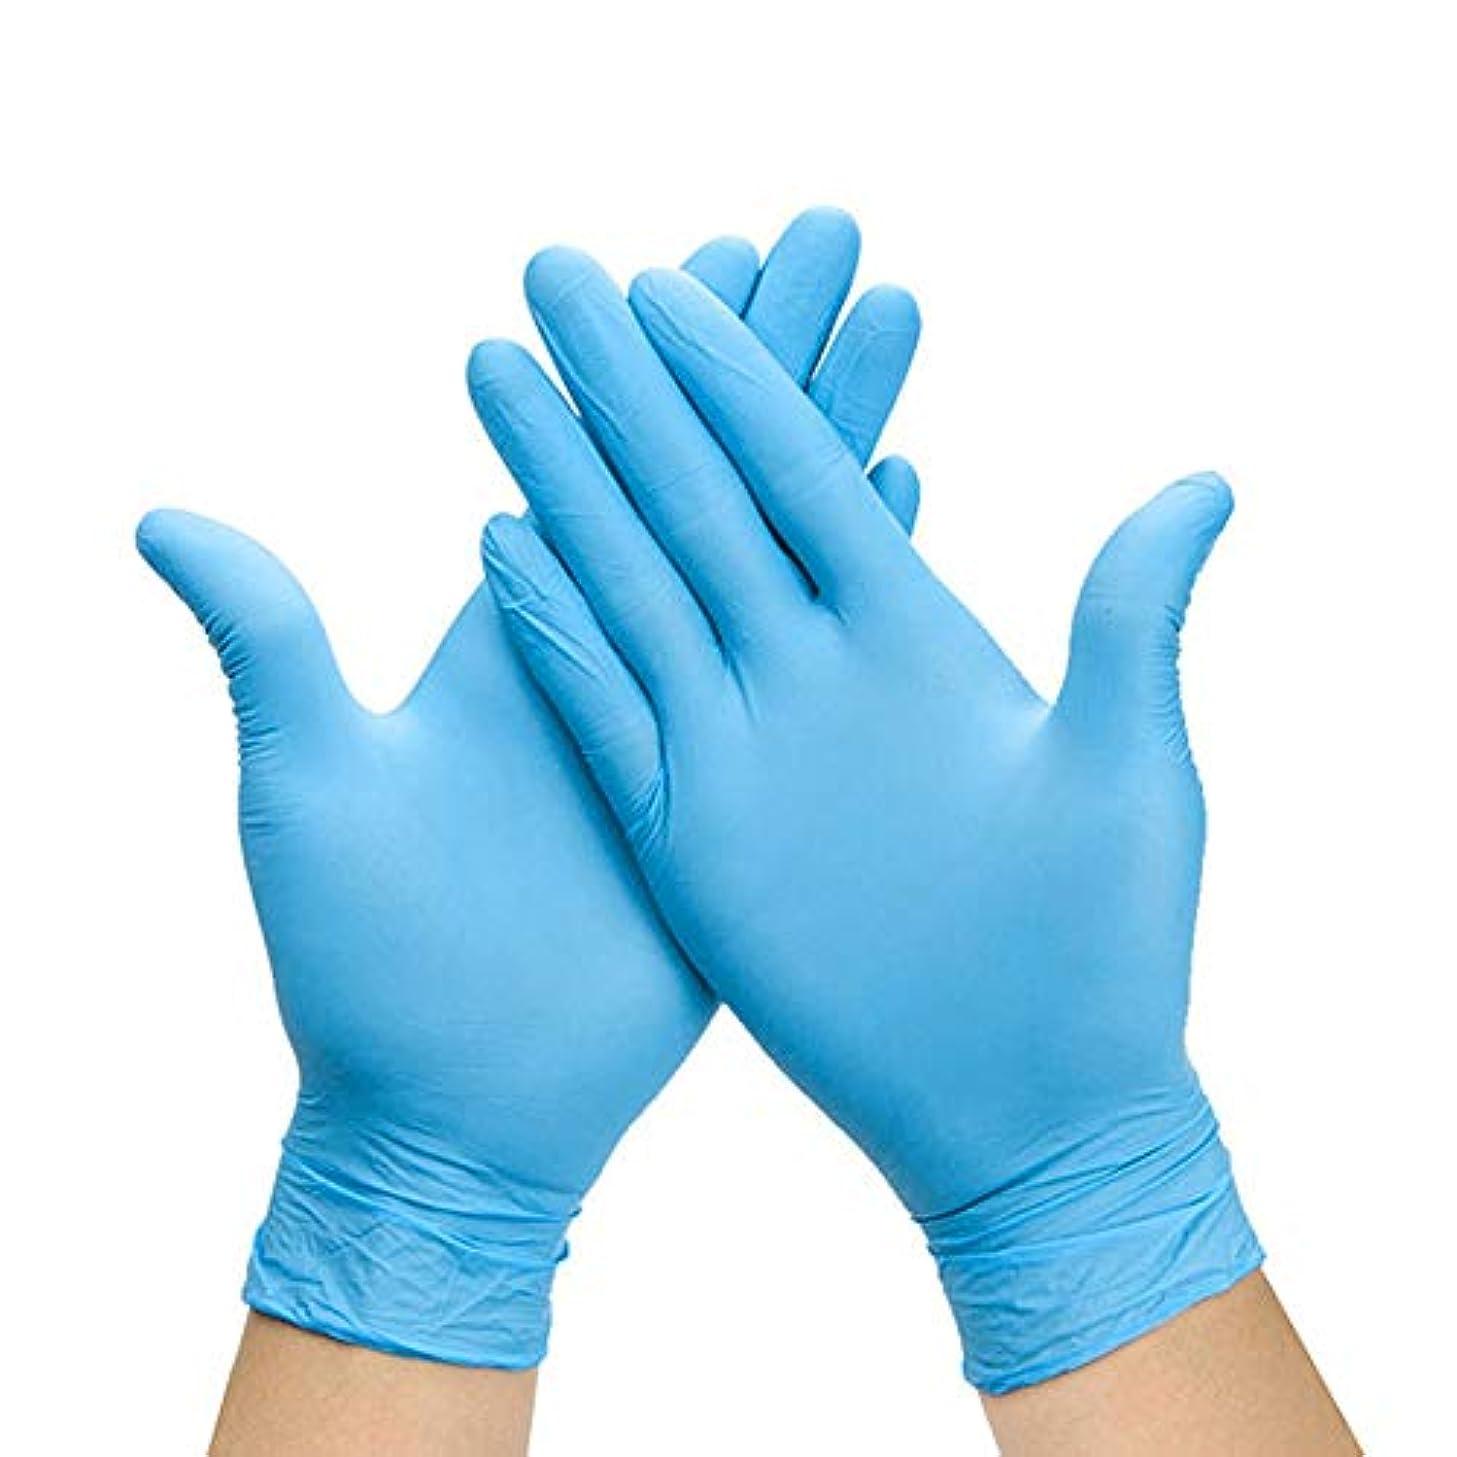 抑止するレンダーコンドームBesline 使い捨て手袋 ゴム手袋滑り止め表面肥厚使い捨て手袋食品グレード手袋、ラテックスゴムフリー、100個